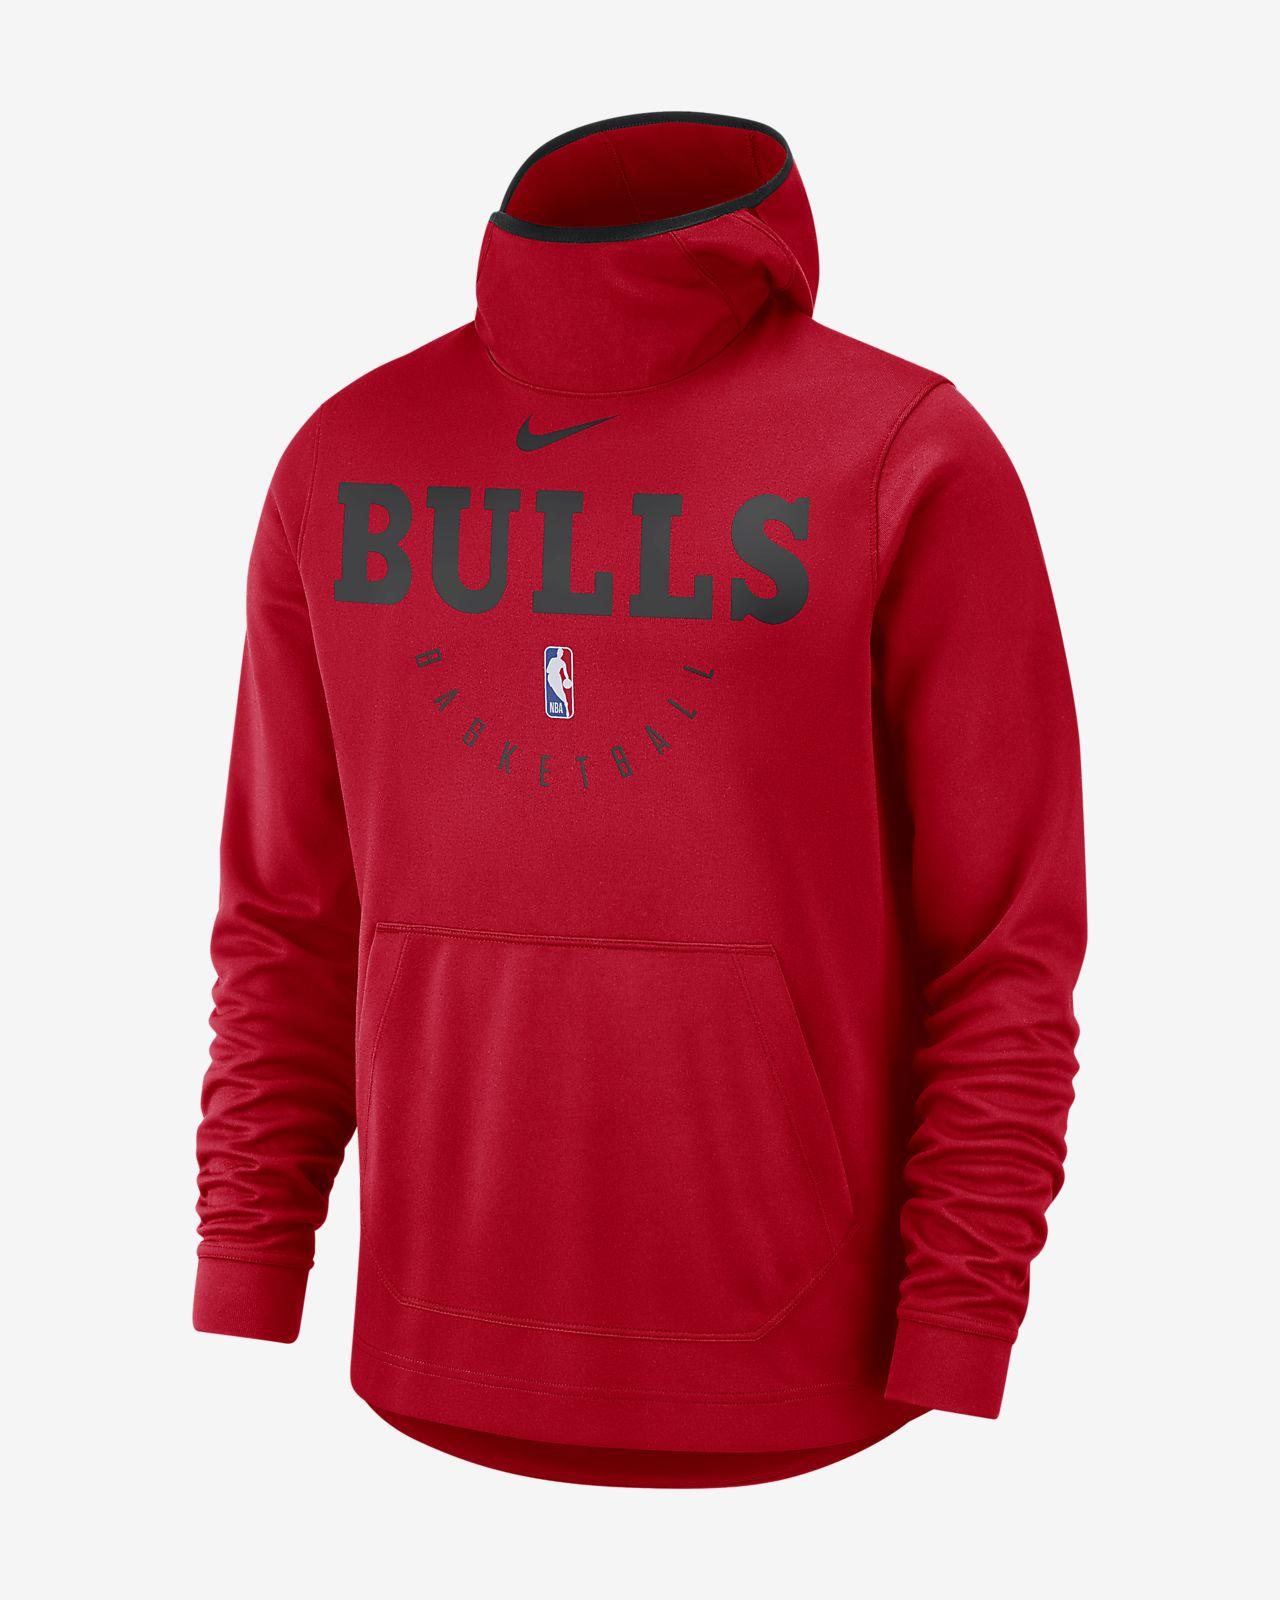 Chicago Bulls Nike Spotlight 男款 NBA 連帽上衣